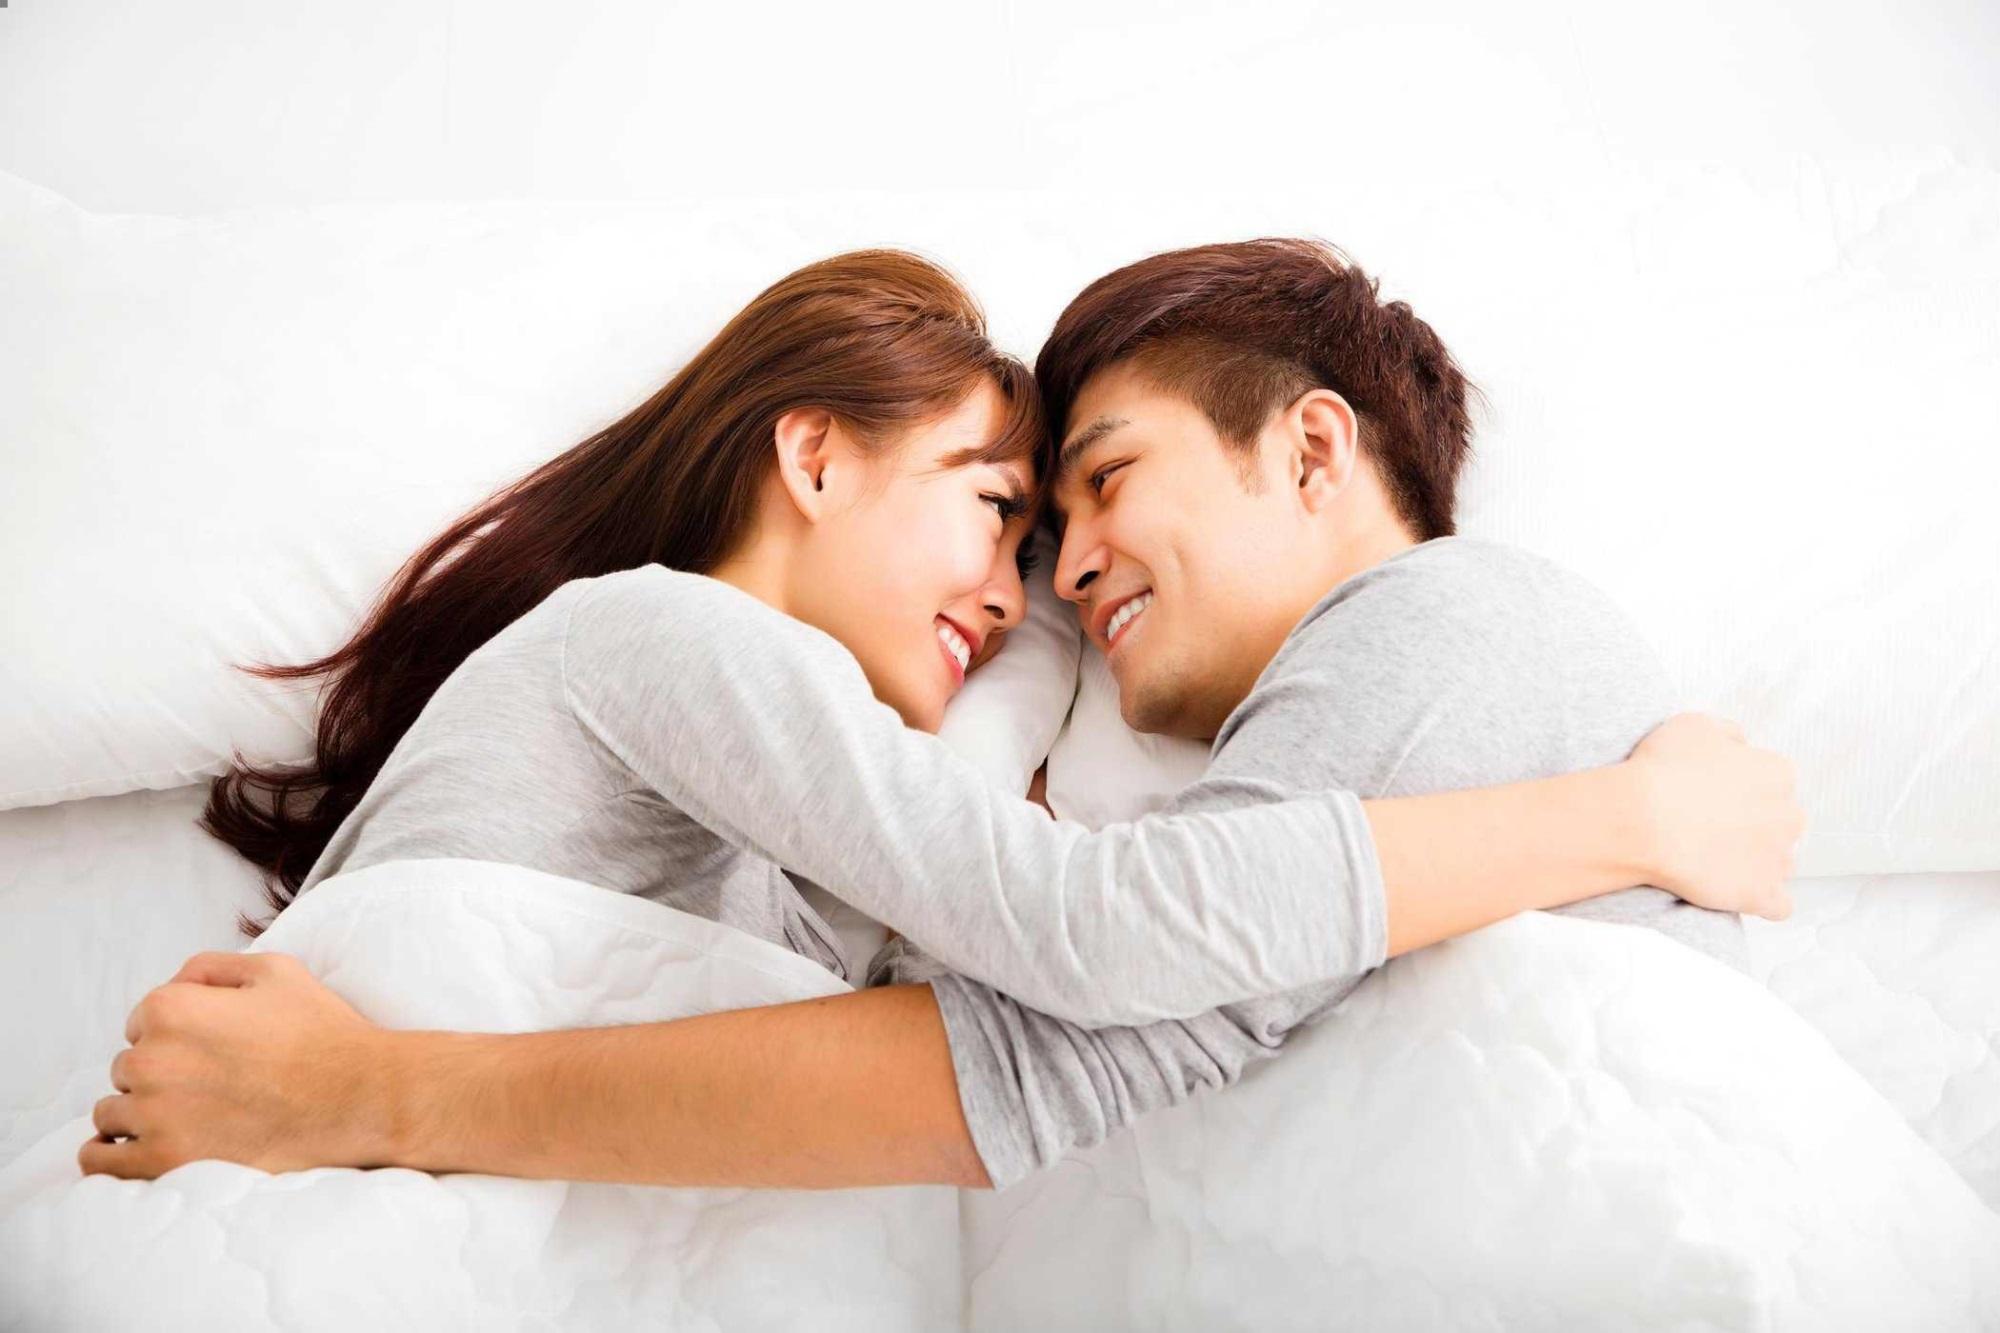 Khi chuẩn bị lên giường với người đàn bà khác, đàn ông có nghĩ đến vợ? - Ảnh 4